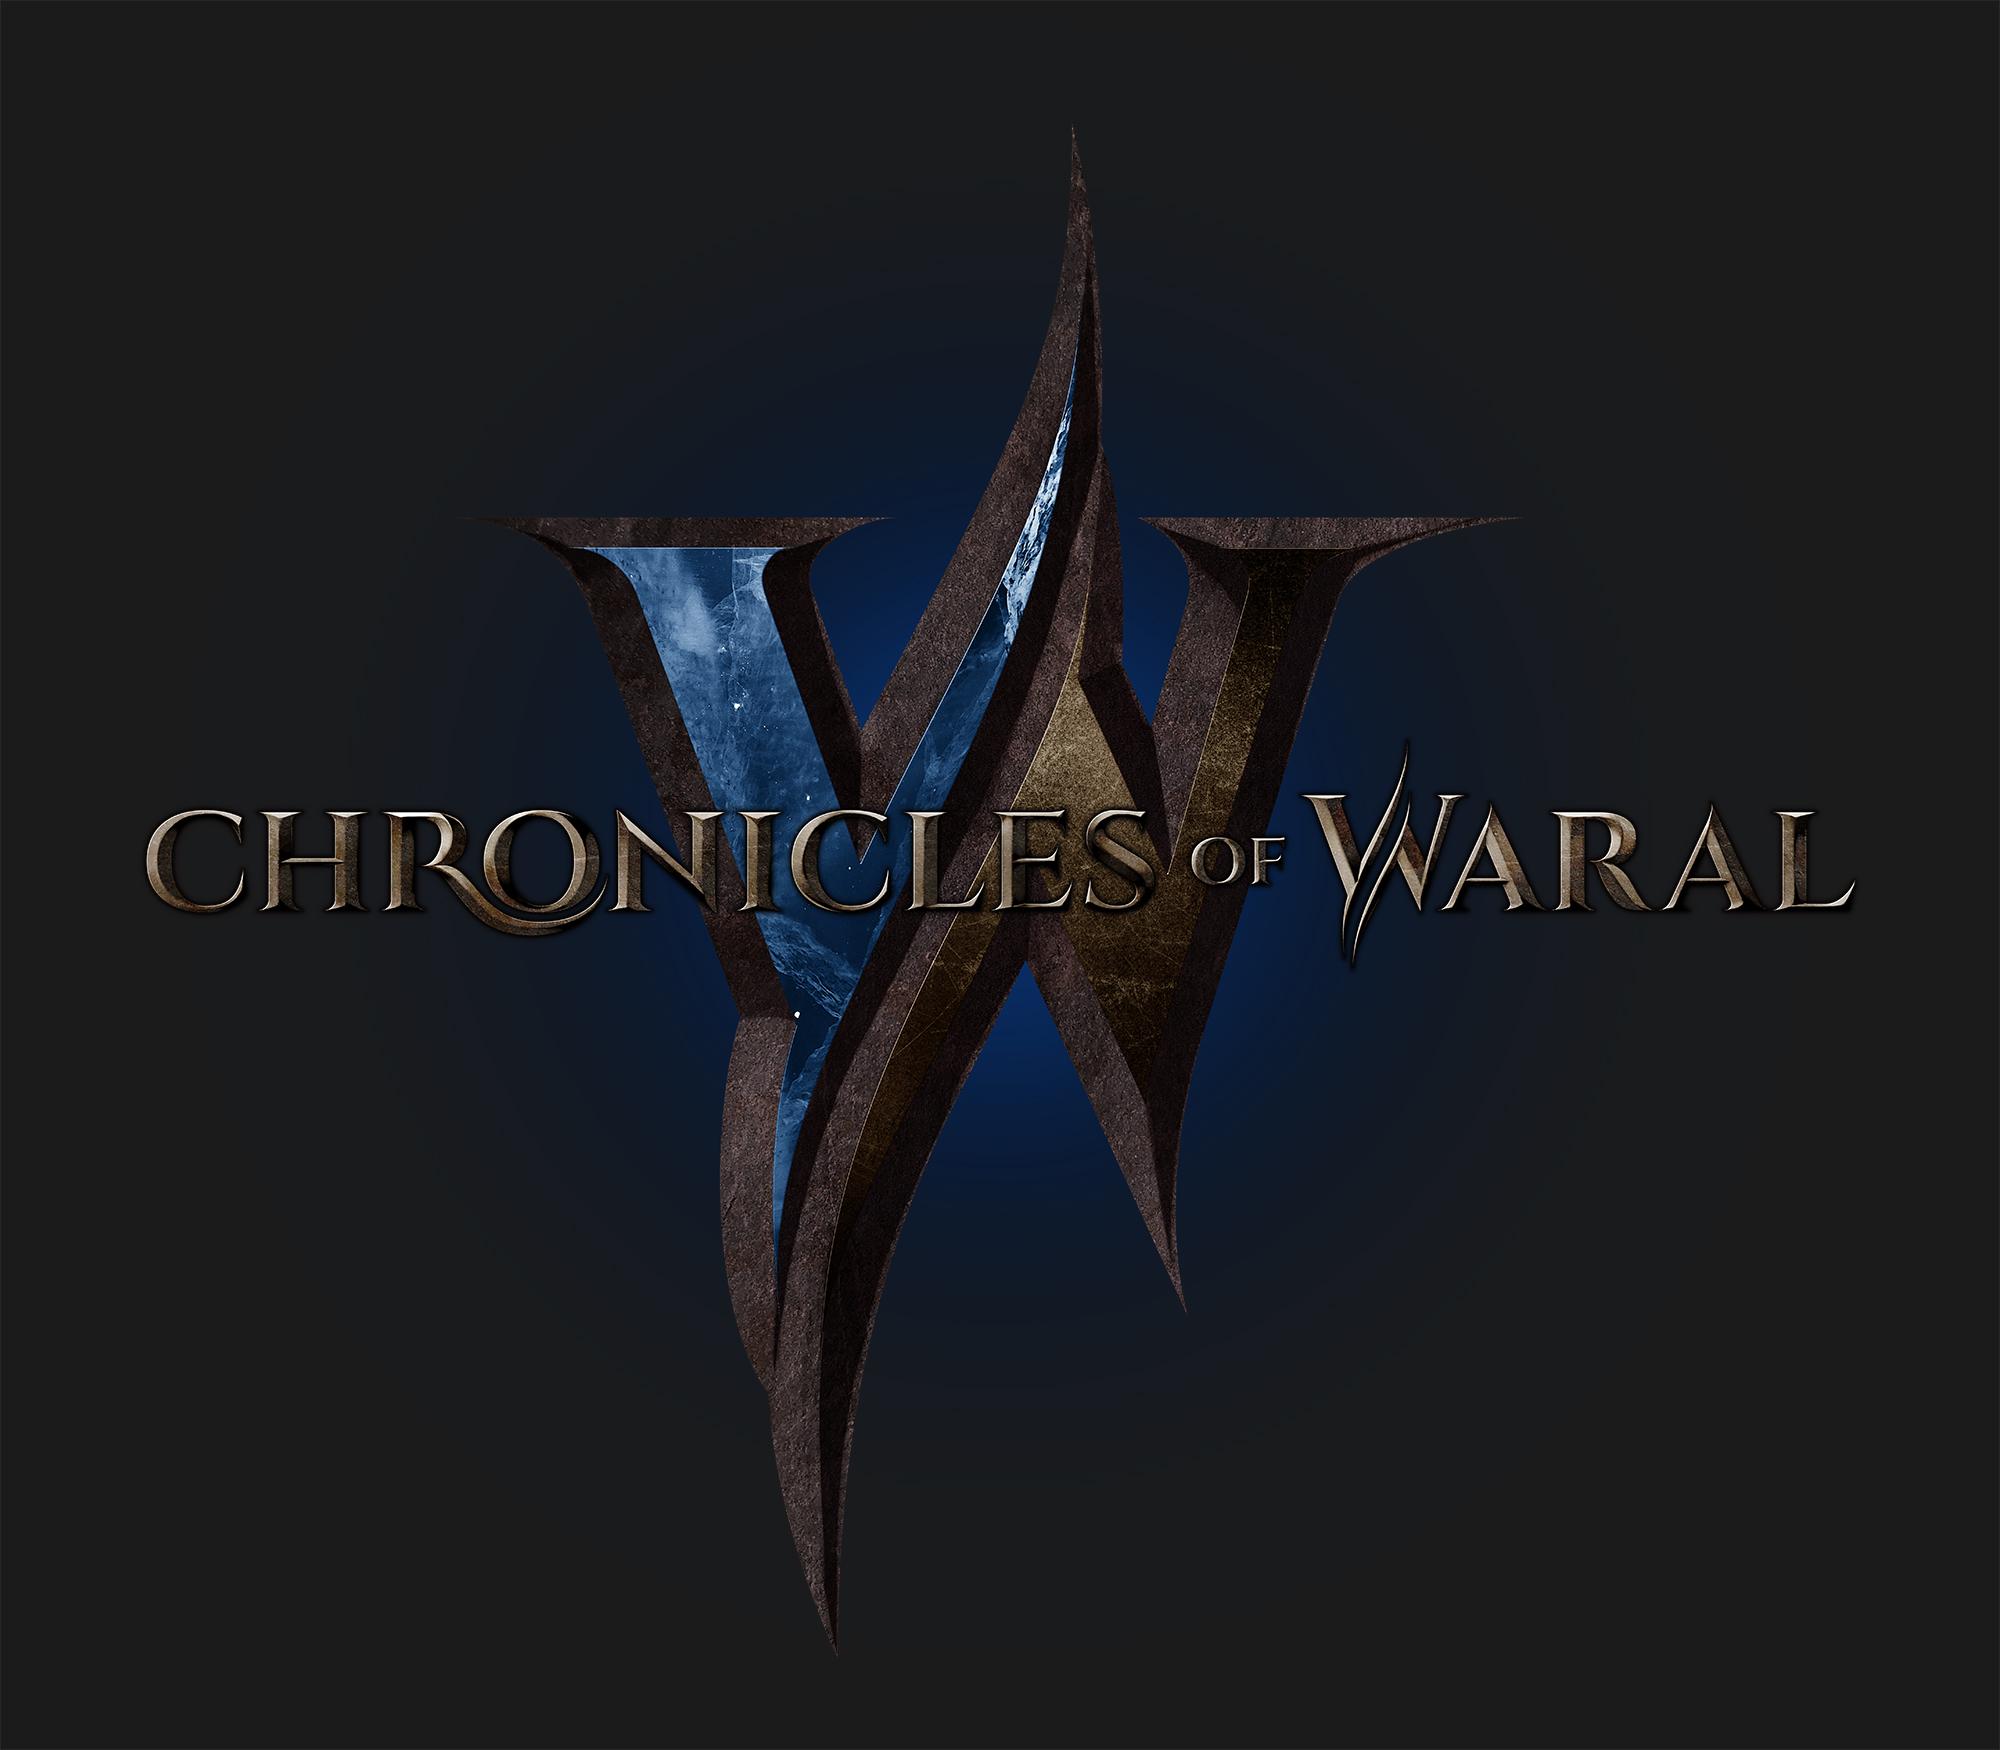 Chroniques de Waral